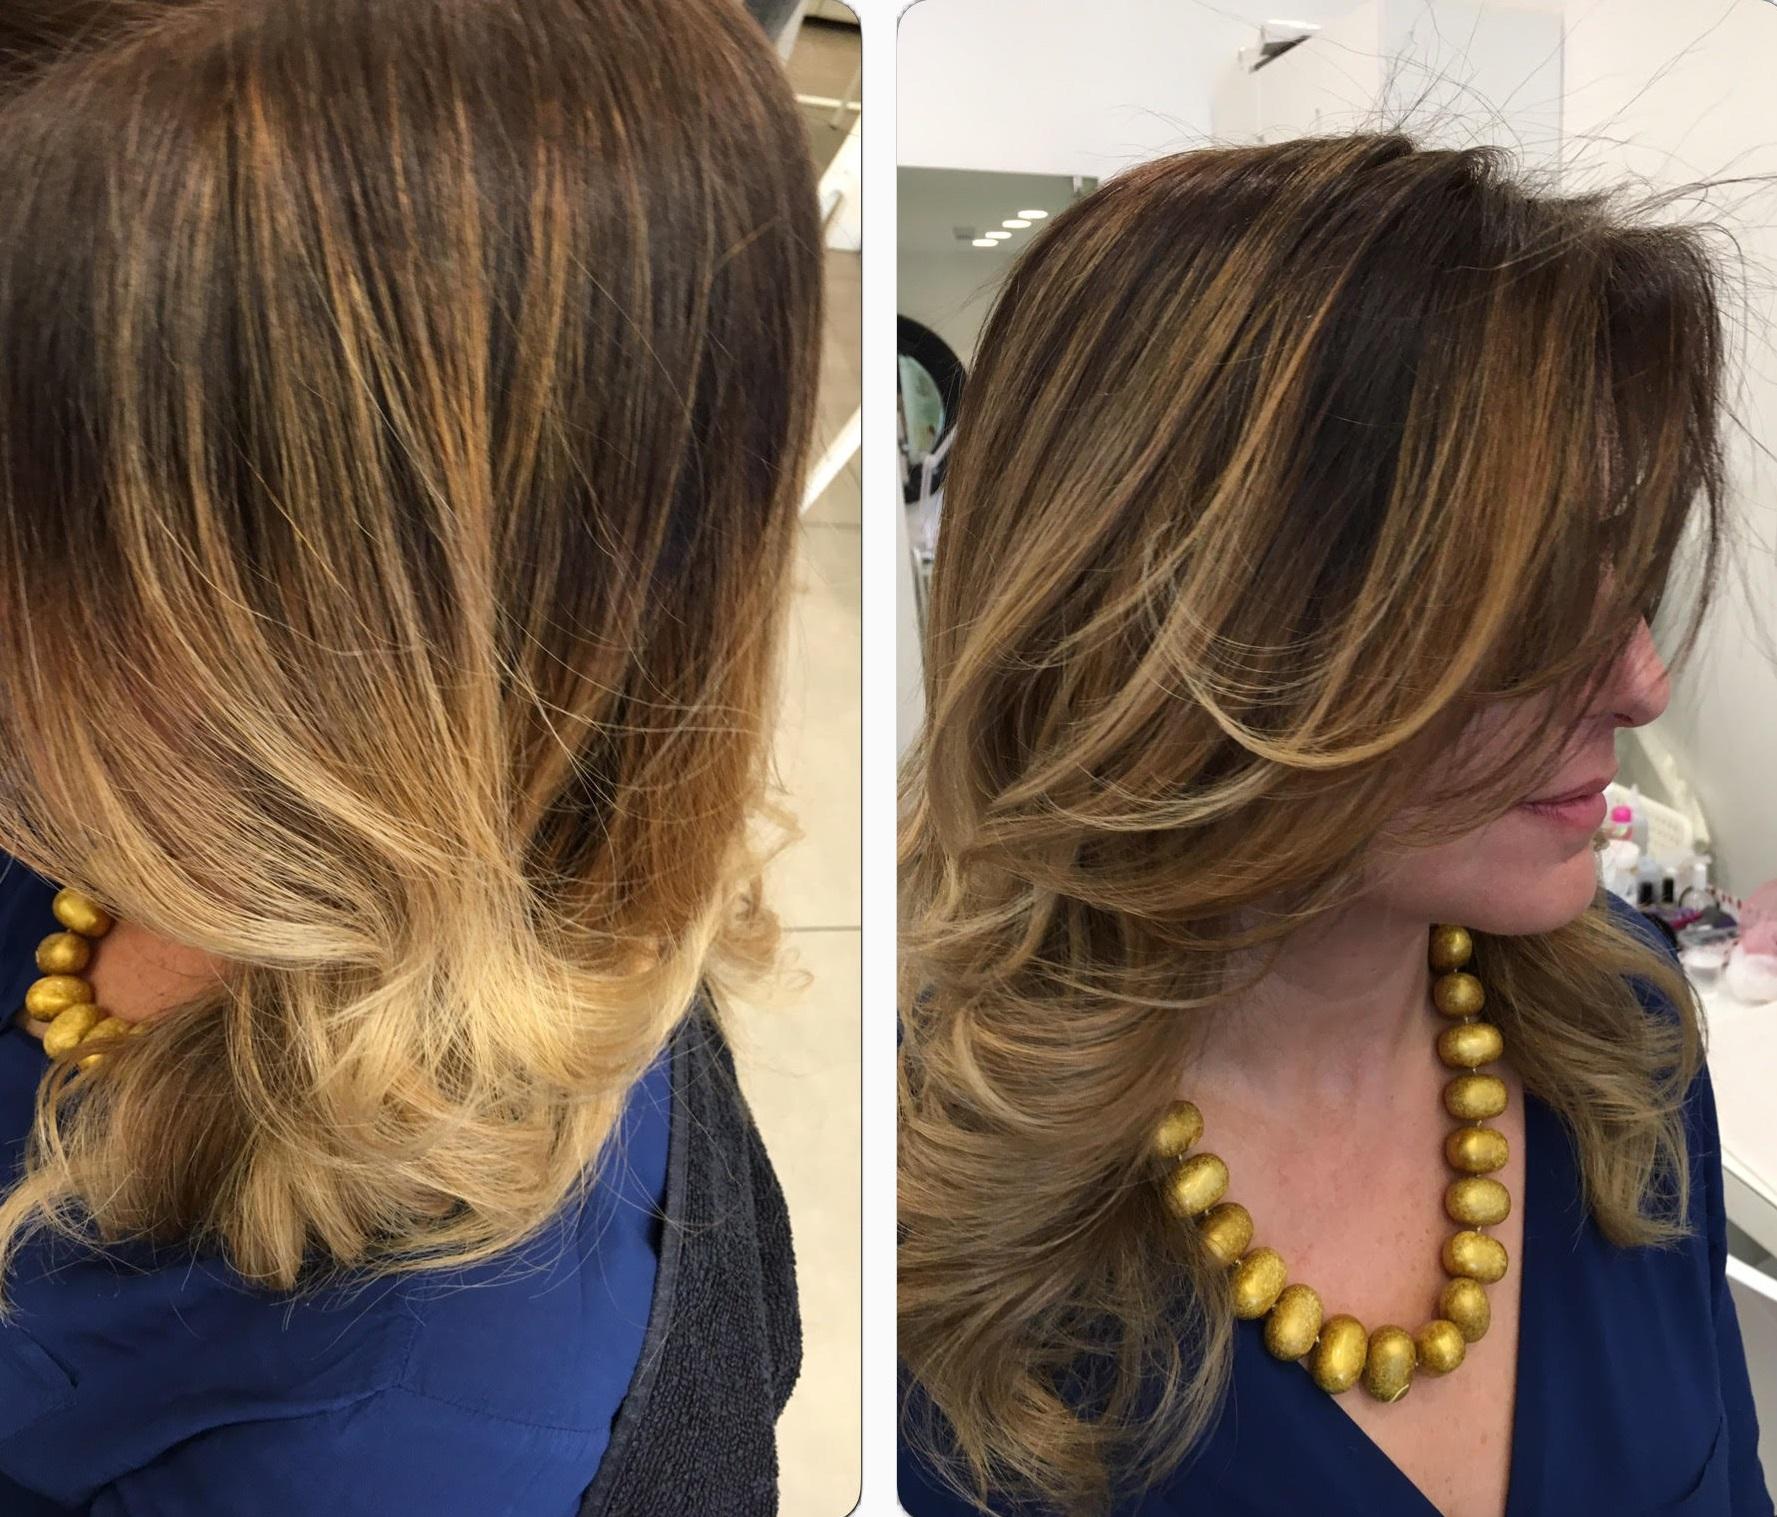 התחדשי לקראת הפסח צבעי שיער ללא אמוניה